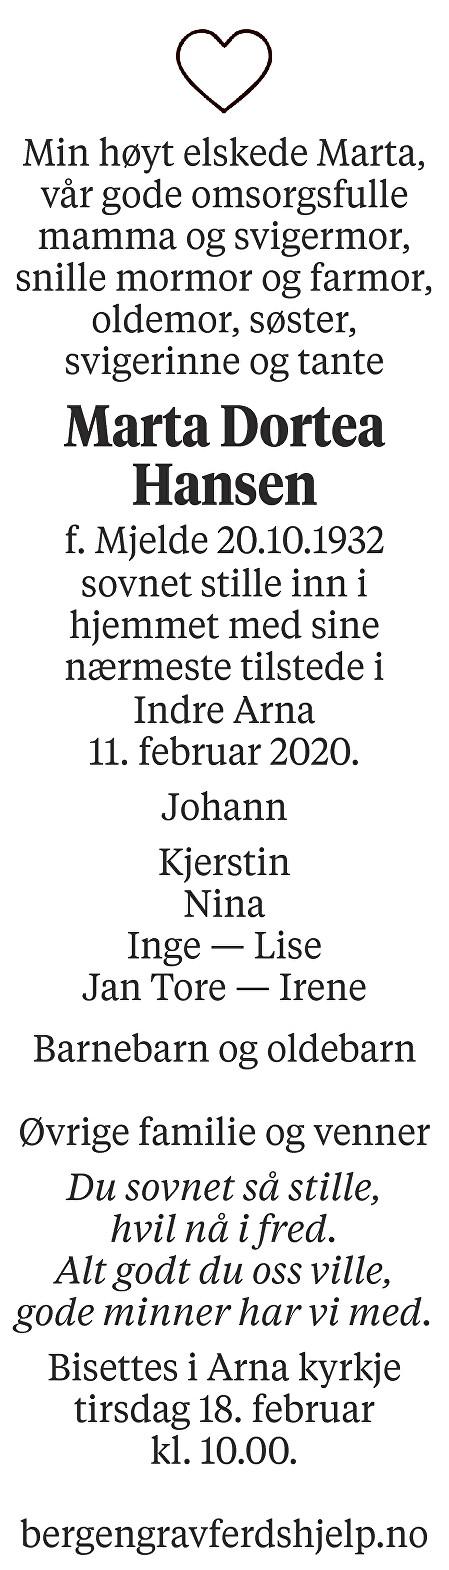 Marta Dortea  Hansen Dødsannonse